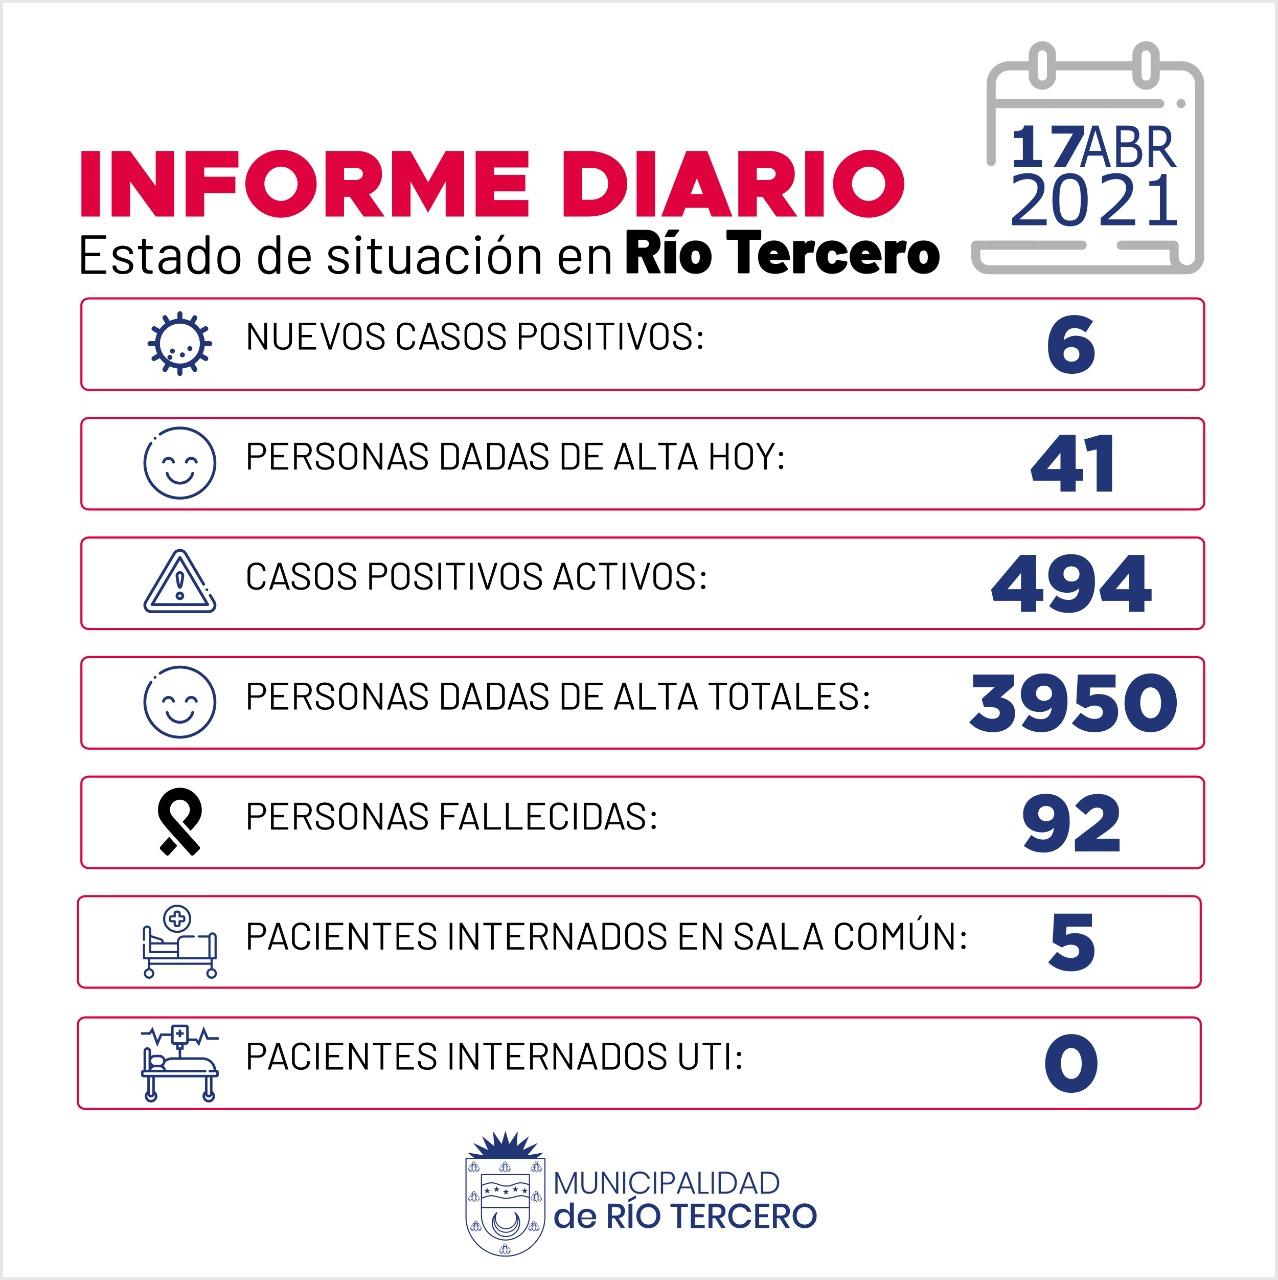 RÍO TERCERO TIENE 494 CASOS ACTIVOS: HOY SE REGISTRARON 6 NUEVOS CASOS POSITIVOS